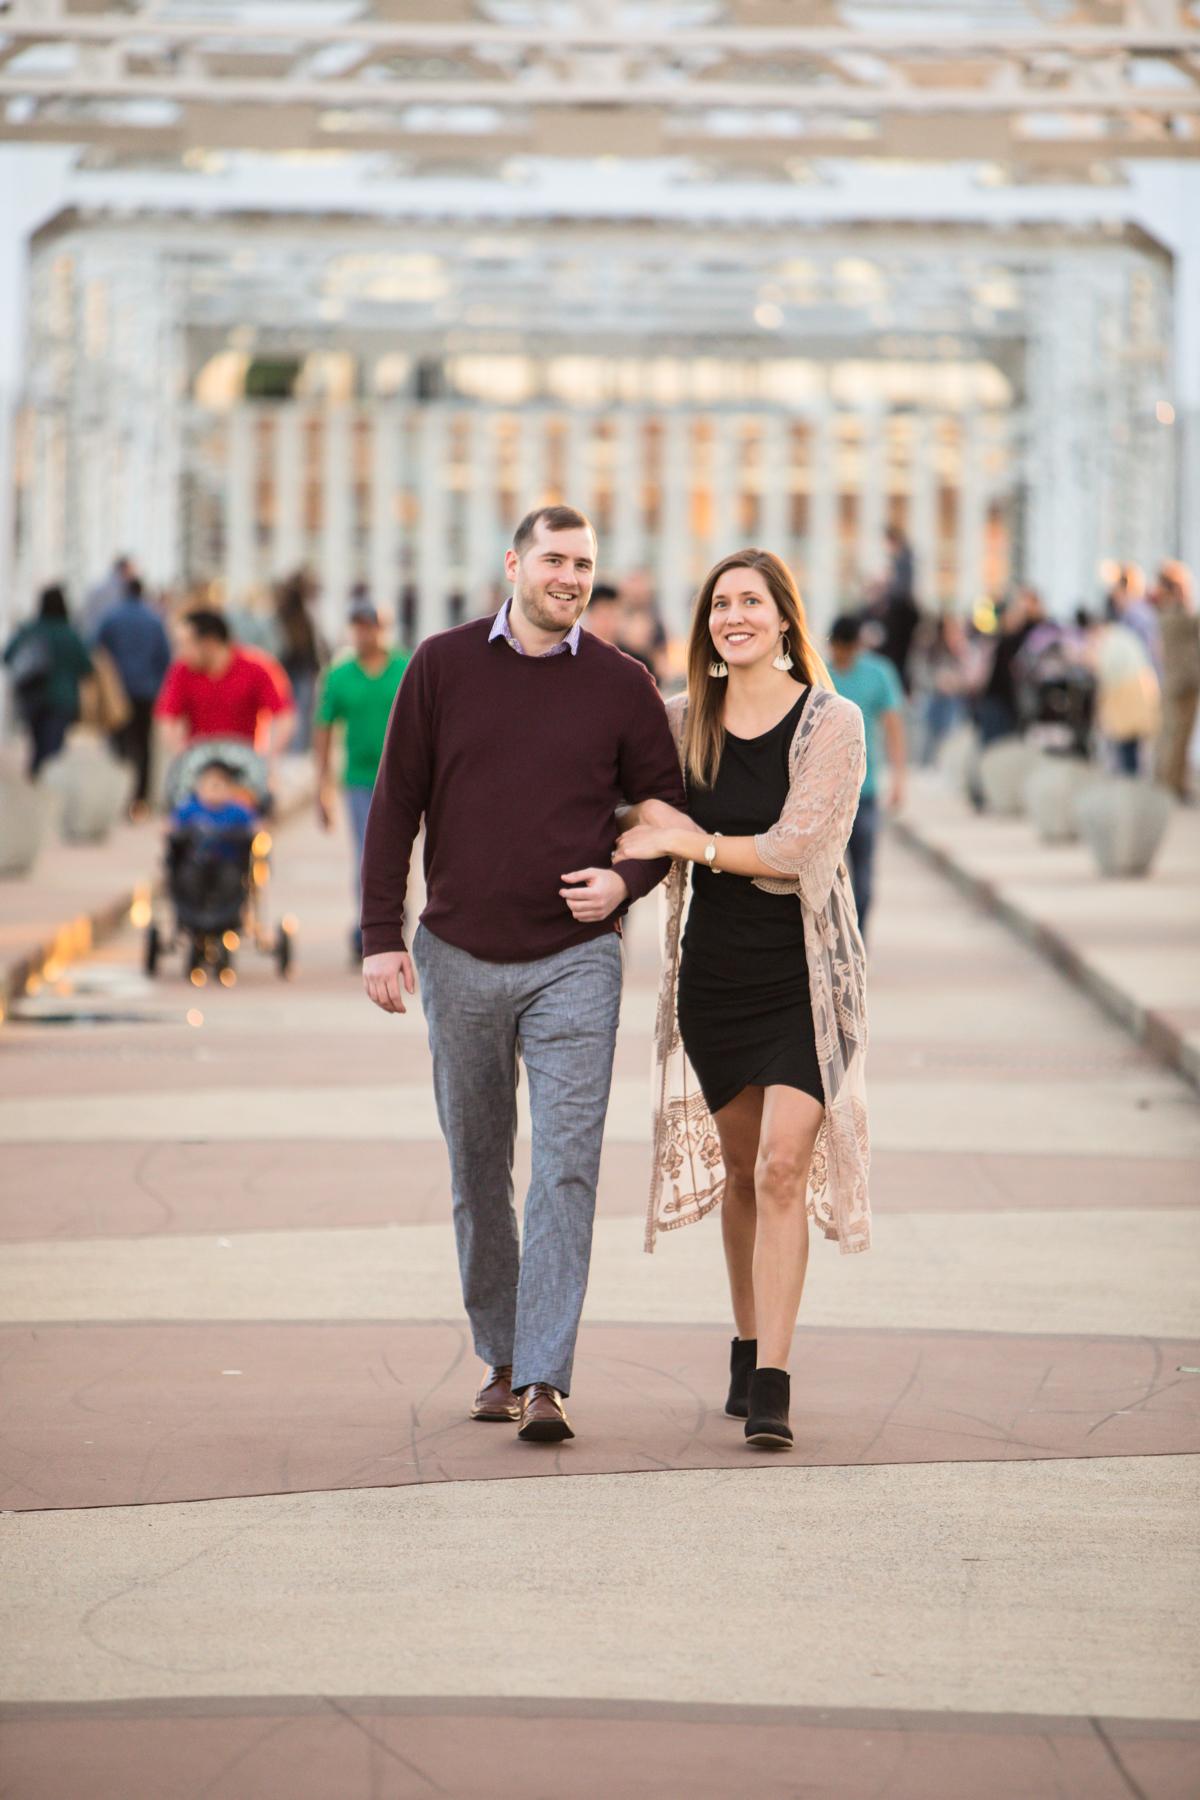 Lauren-and-Grant-Engagement-Centennial-Park-Nashville-Sneak-Peak-0051.jpg